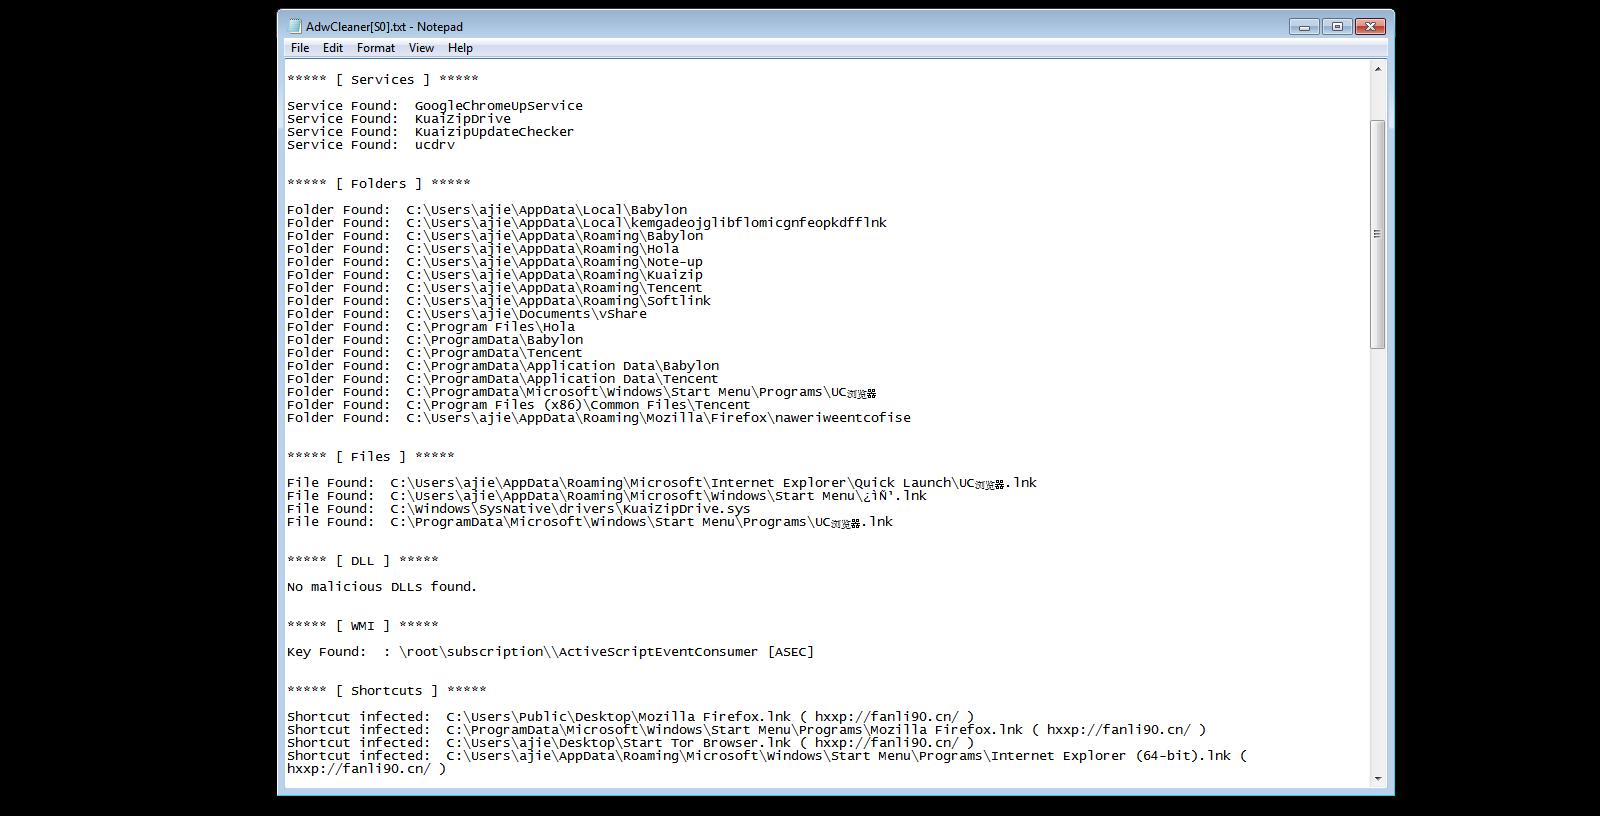 Log file, AWDCleaner.